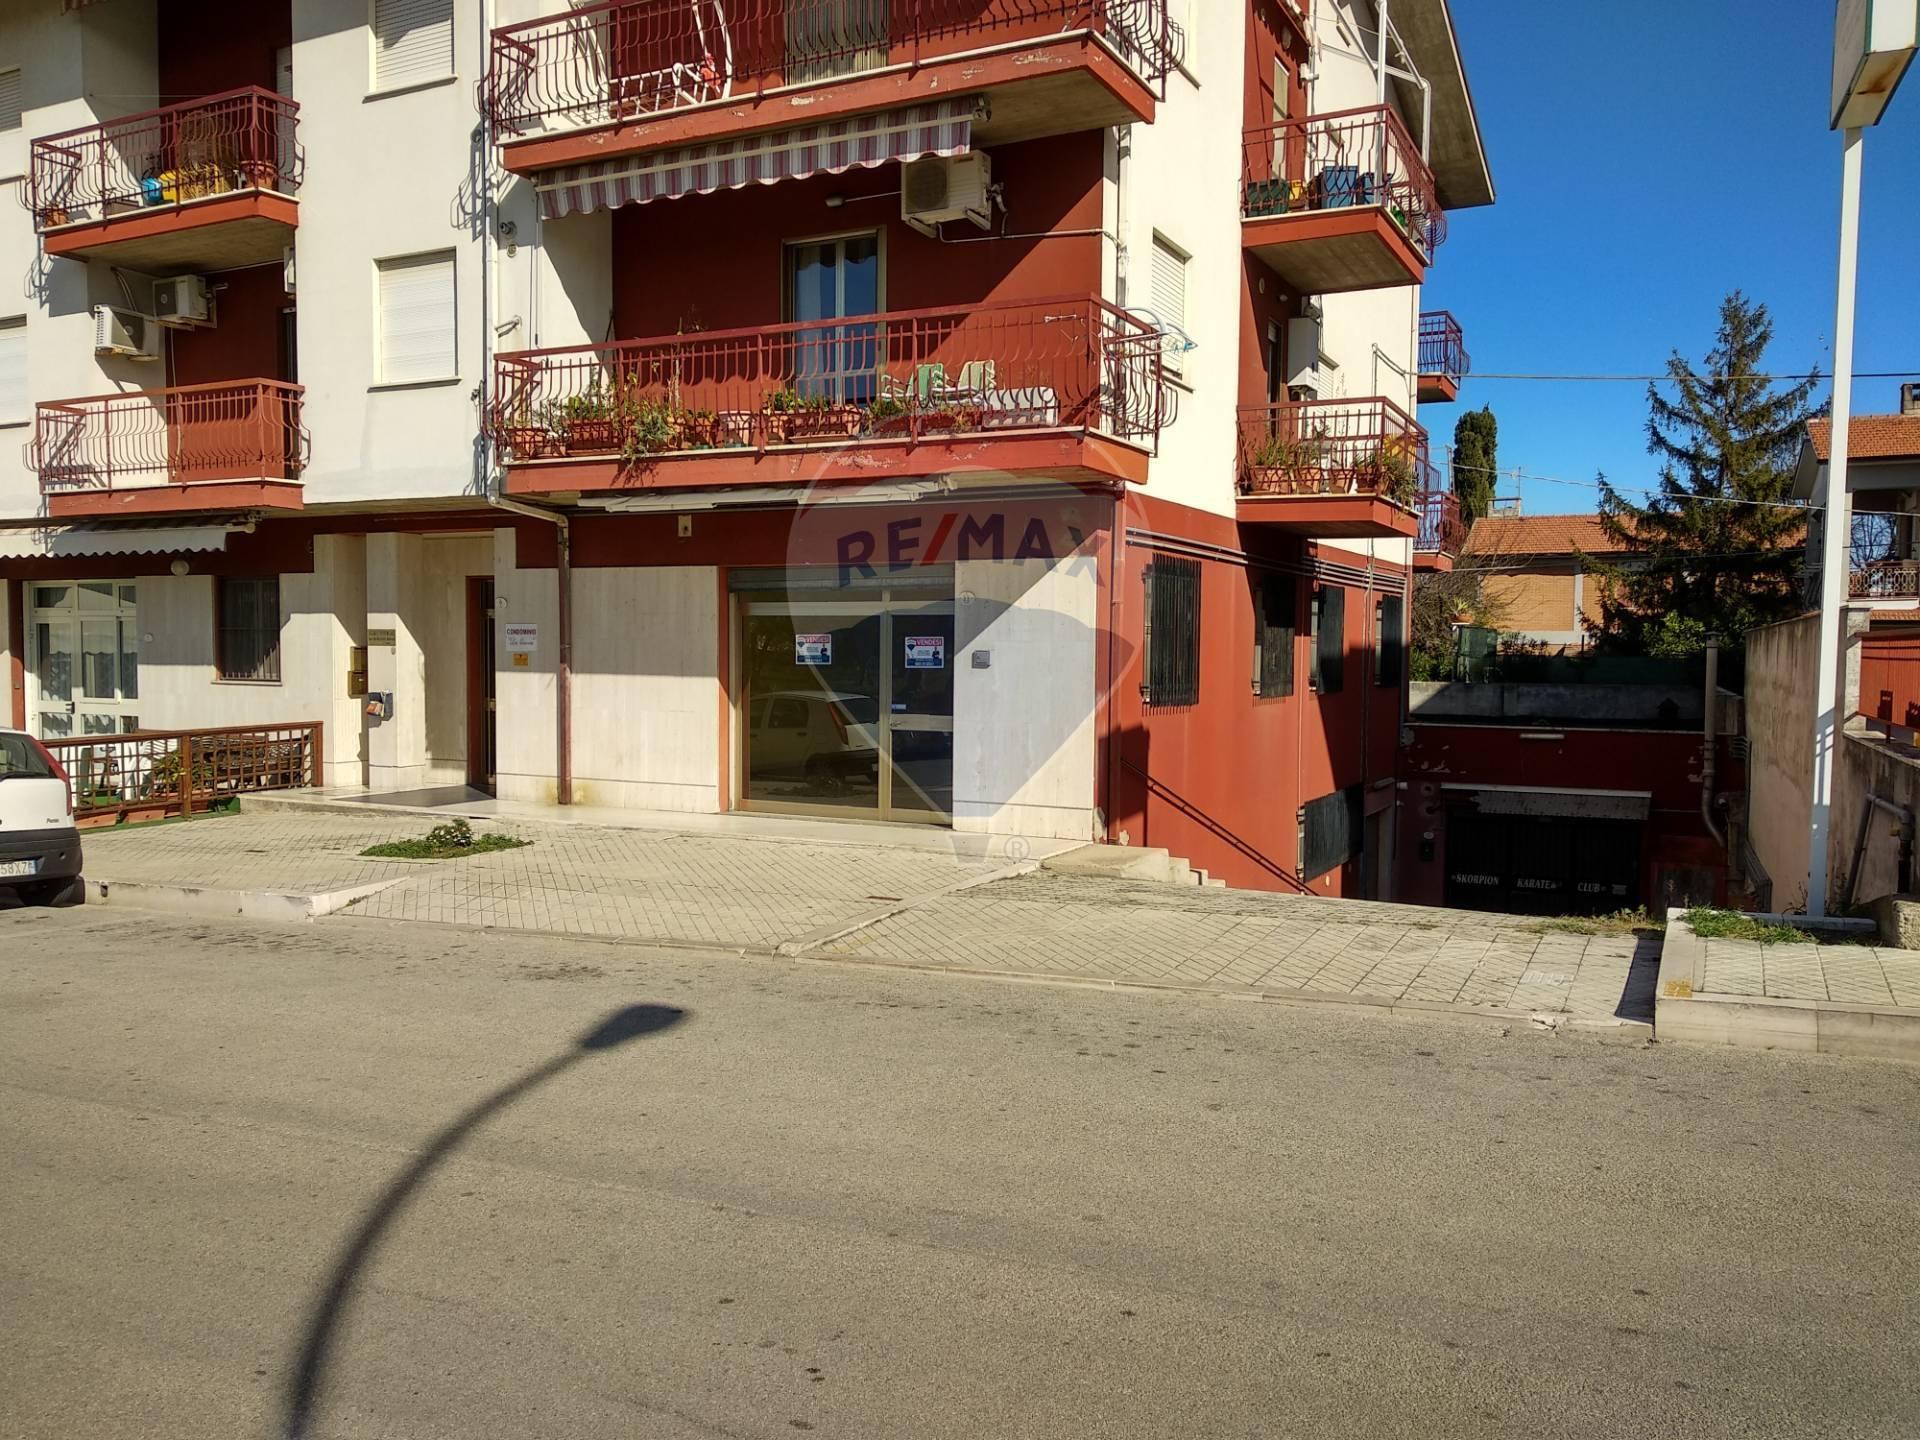 Negozio / Locale in vendita a Fossacesia, 9999 locali, prezzo € 98.000   CambioCasa.it